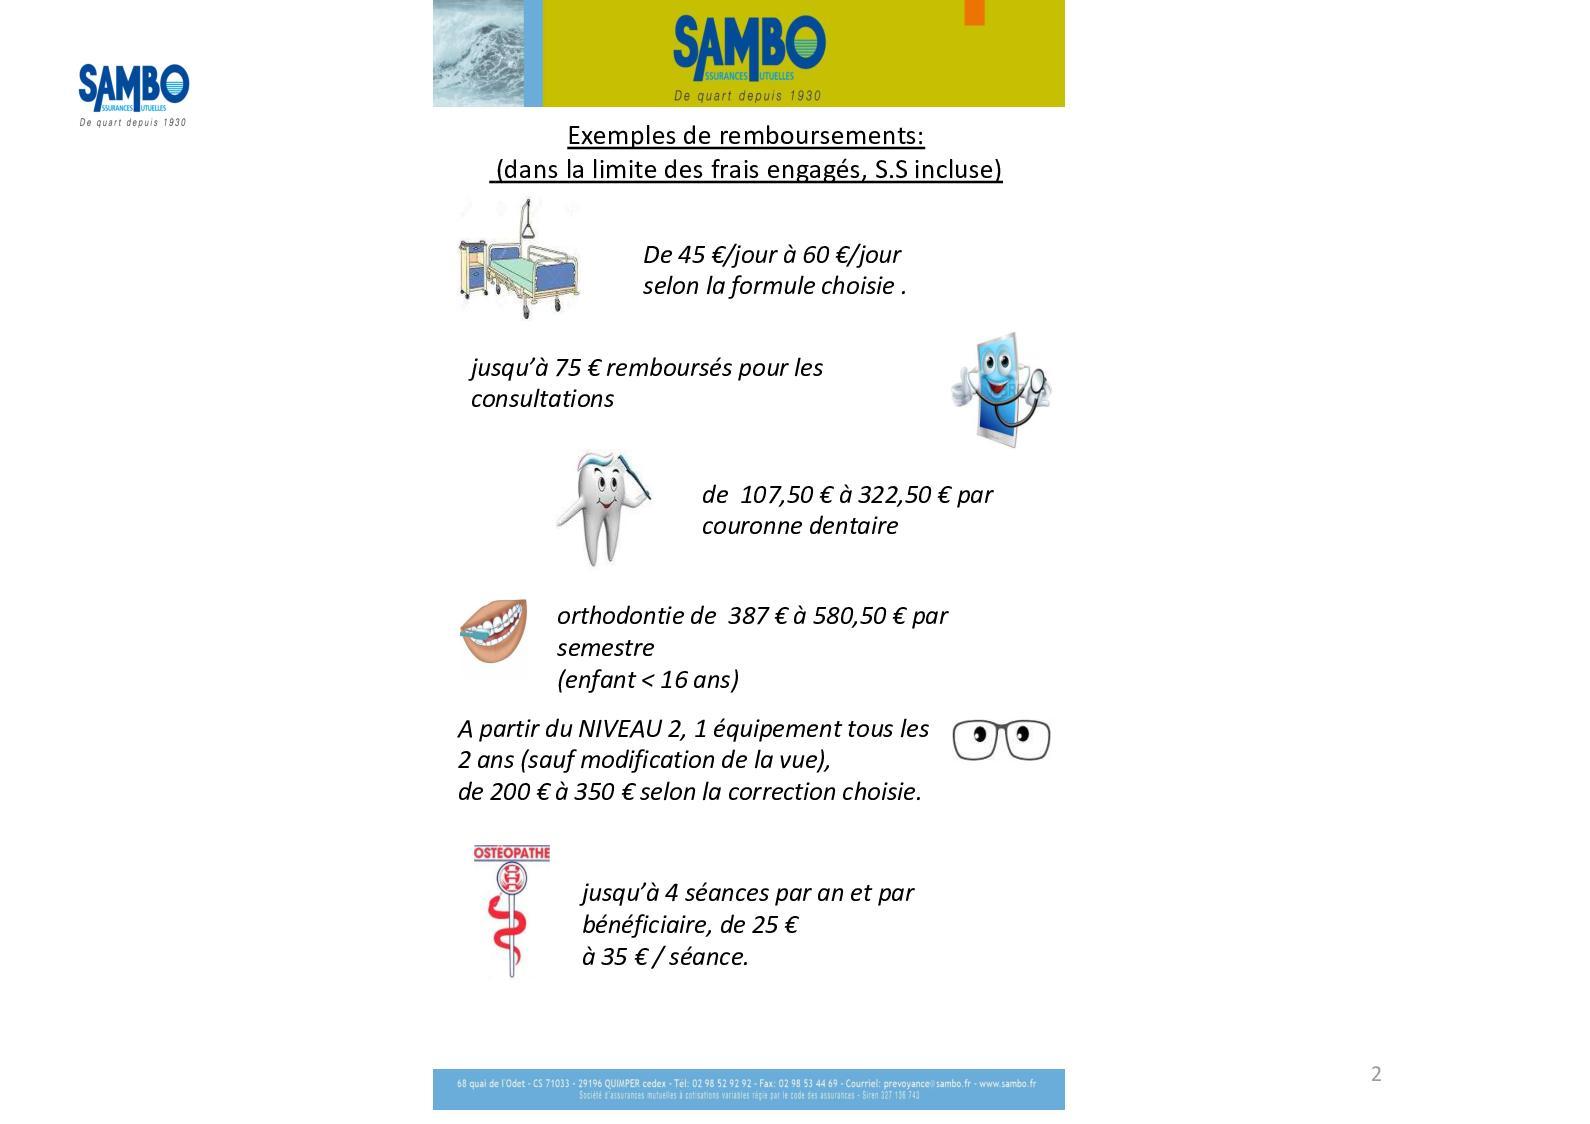 b911a1ae3f894 Calaméo - Exemples de remboursements proposés par la société Sambo